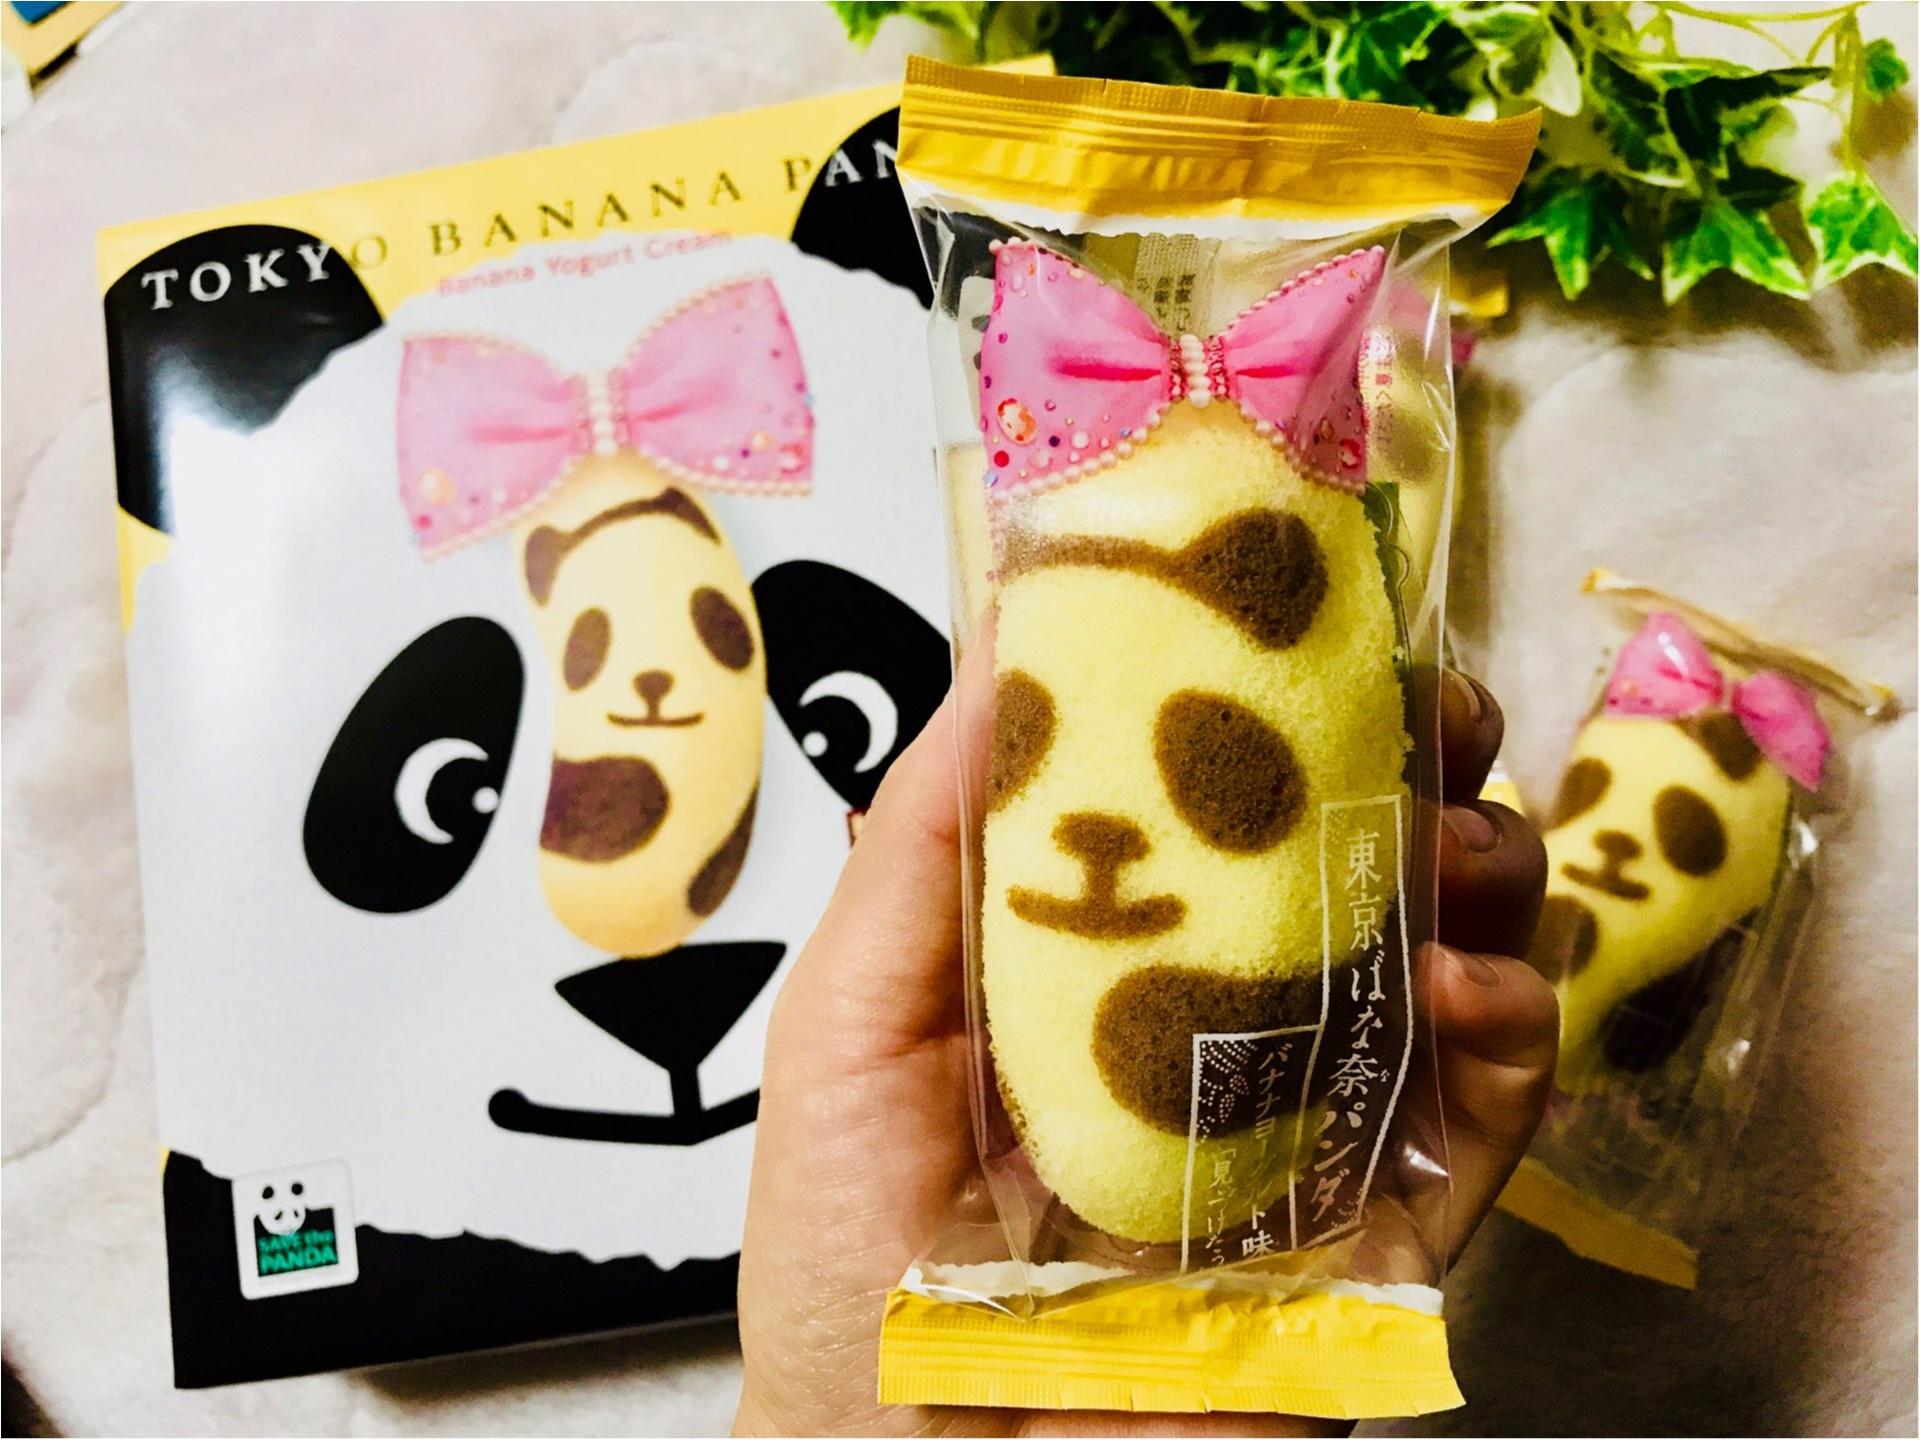 【帰省みやげ】ついにGWスタート!東京土産のド定番《東京ばな奈》❤︎まさかのシャンシャンとコラボ!?かわいいパンダに変身しちゃいました♡♡_2